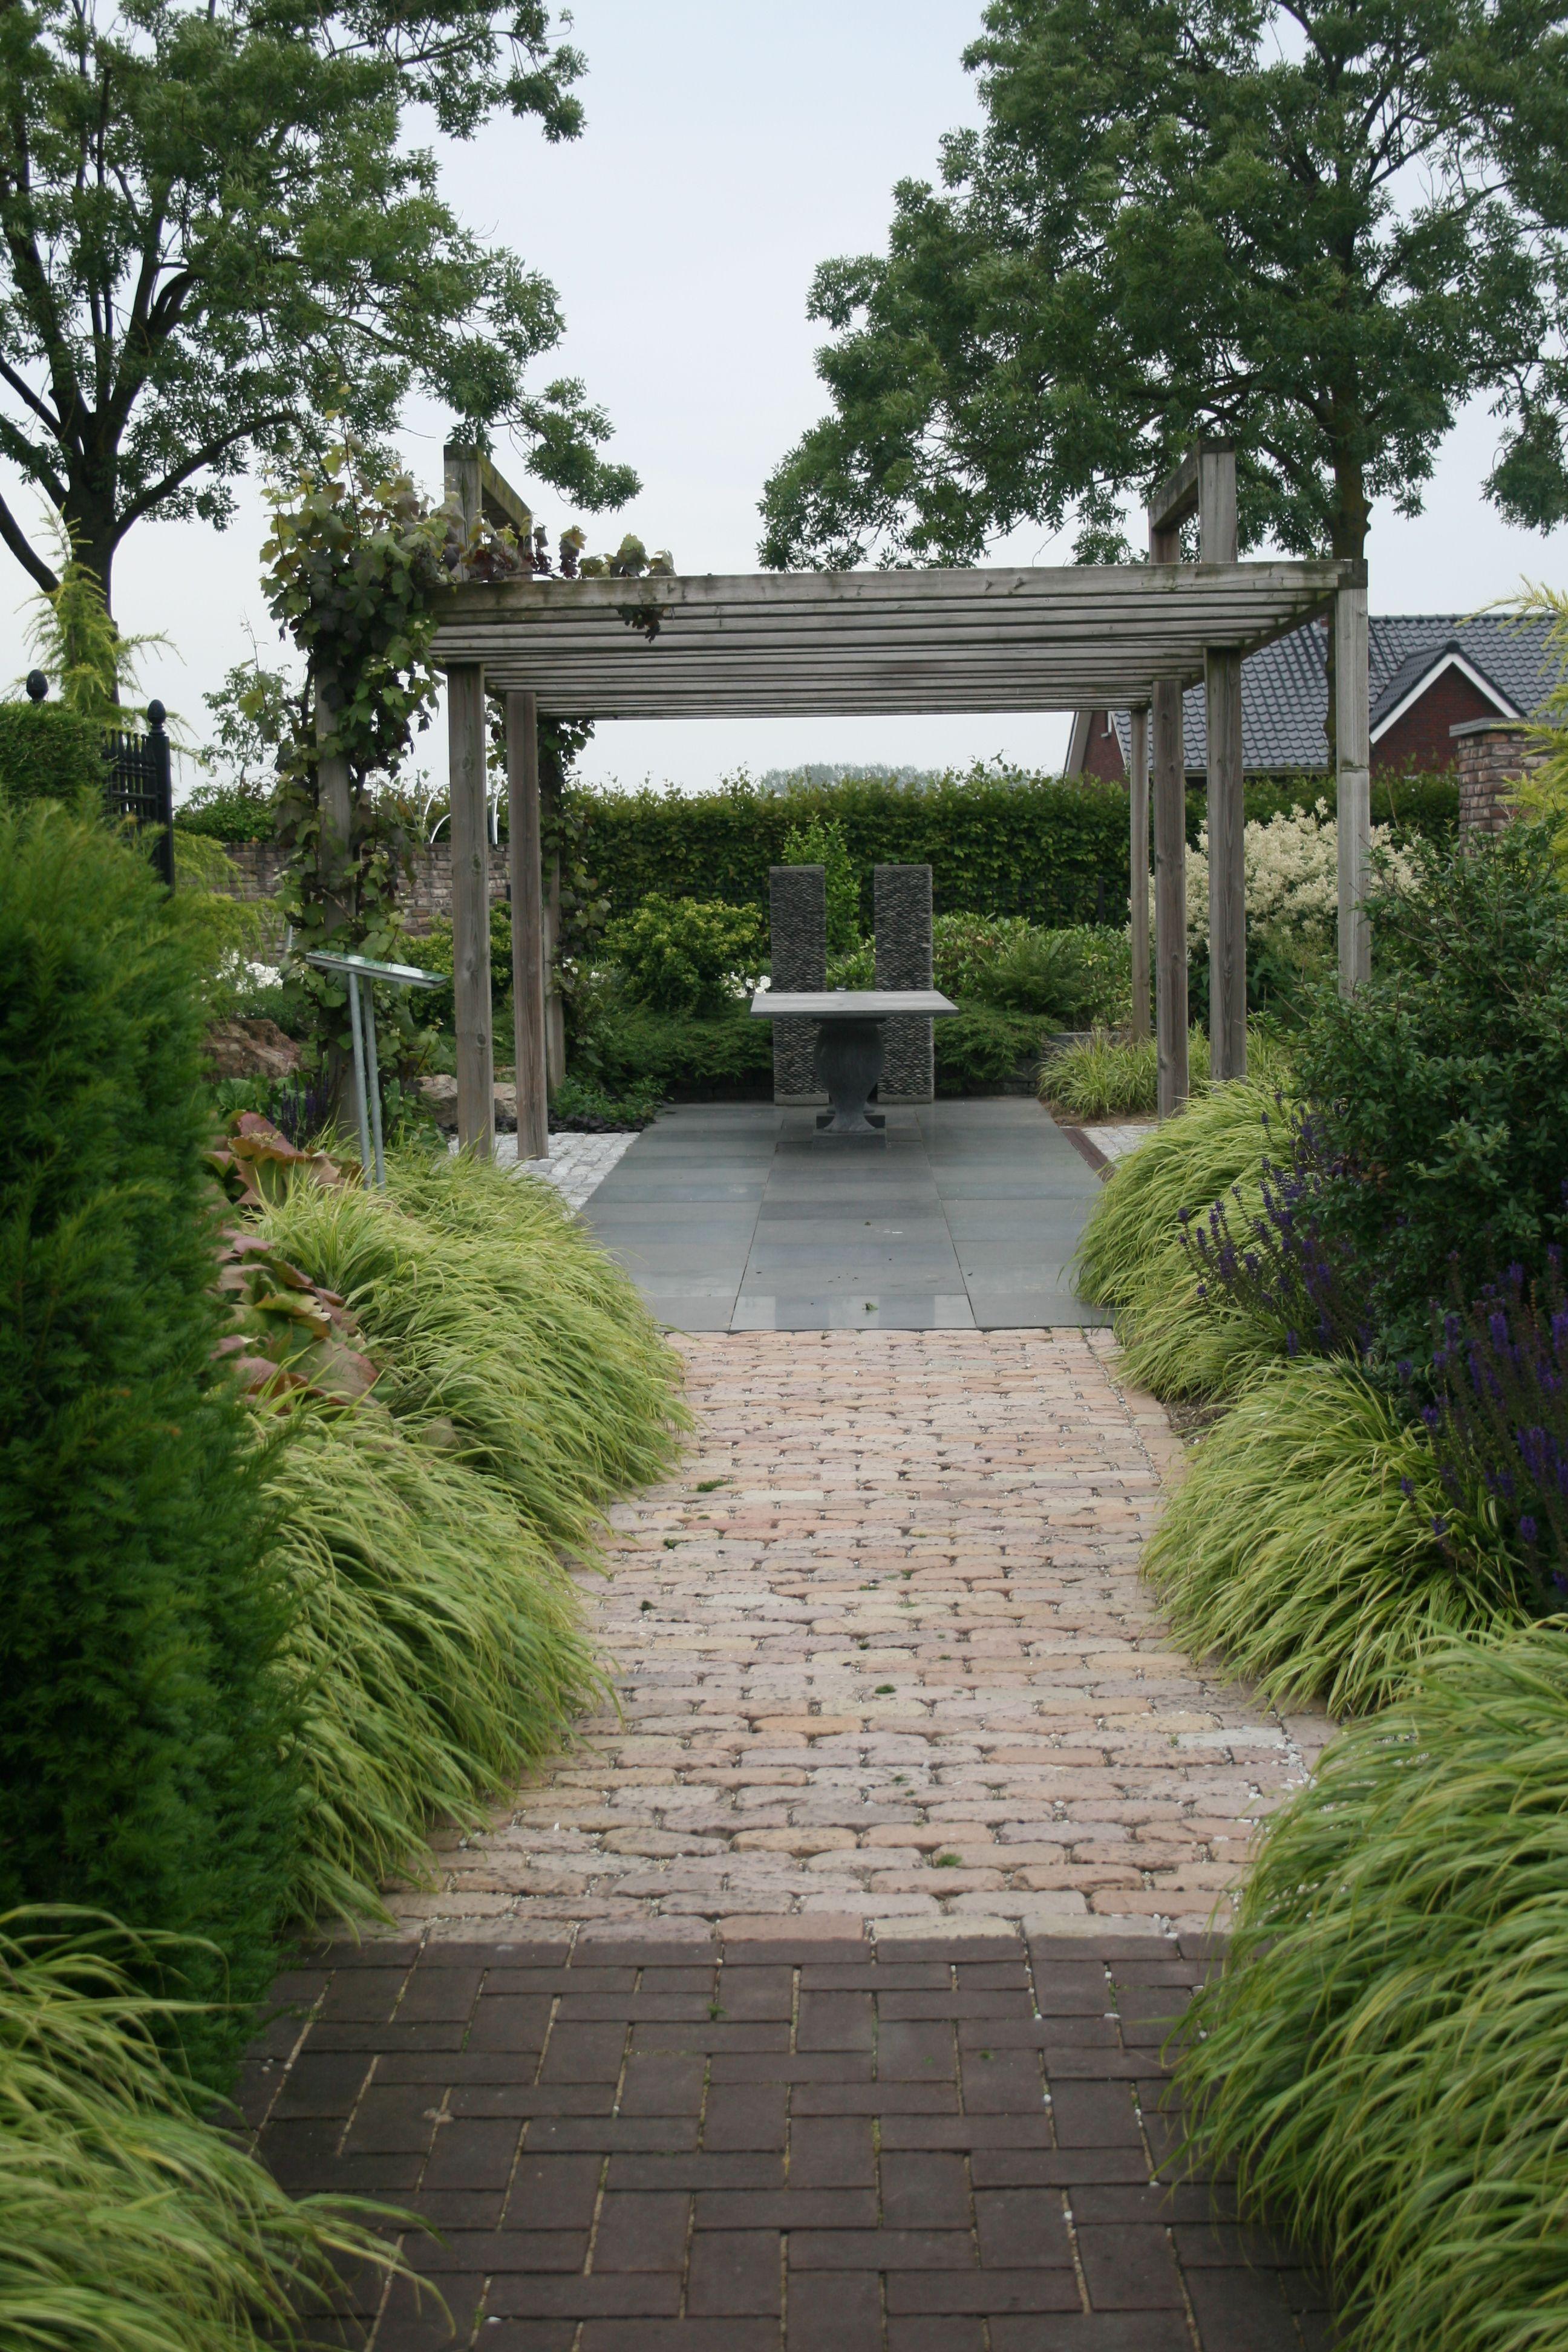 Japanwaldgras Gartenreise Holland Appeltern Garten Ideen Garten Gras